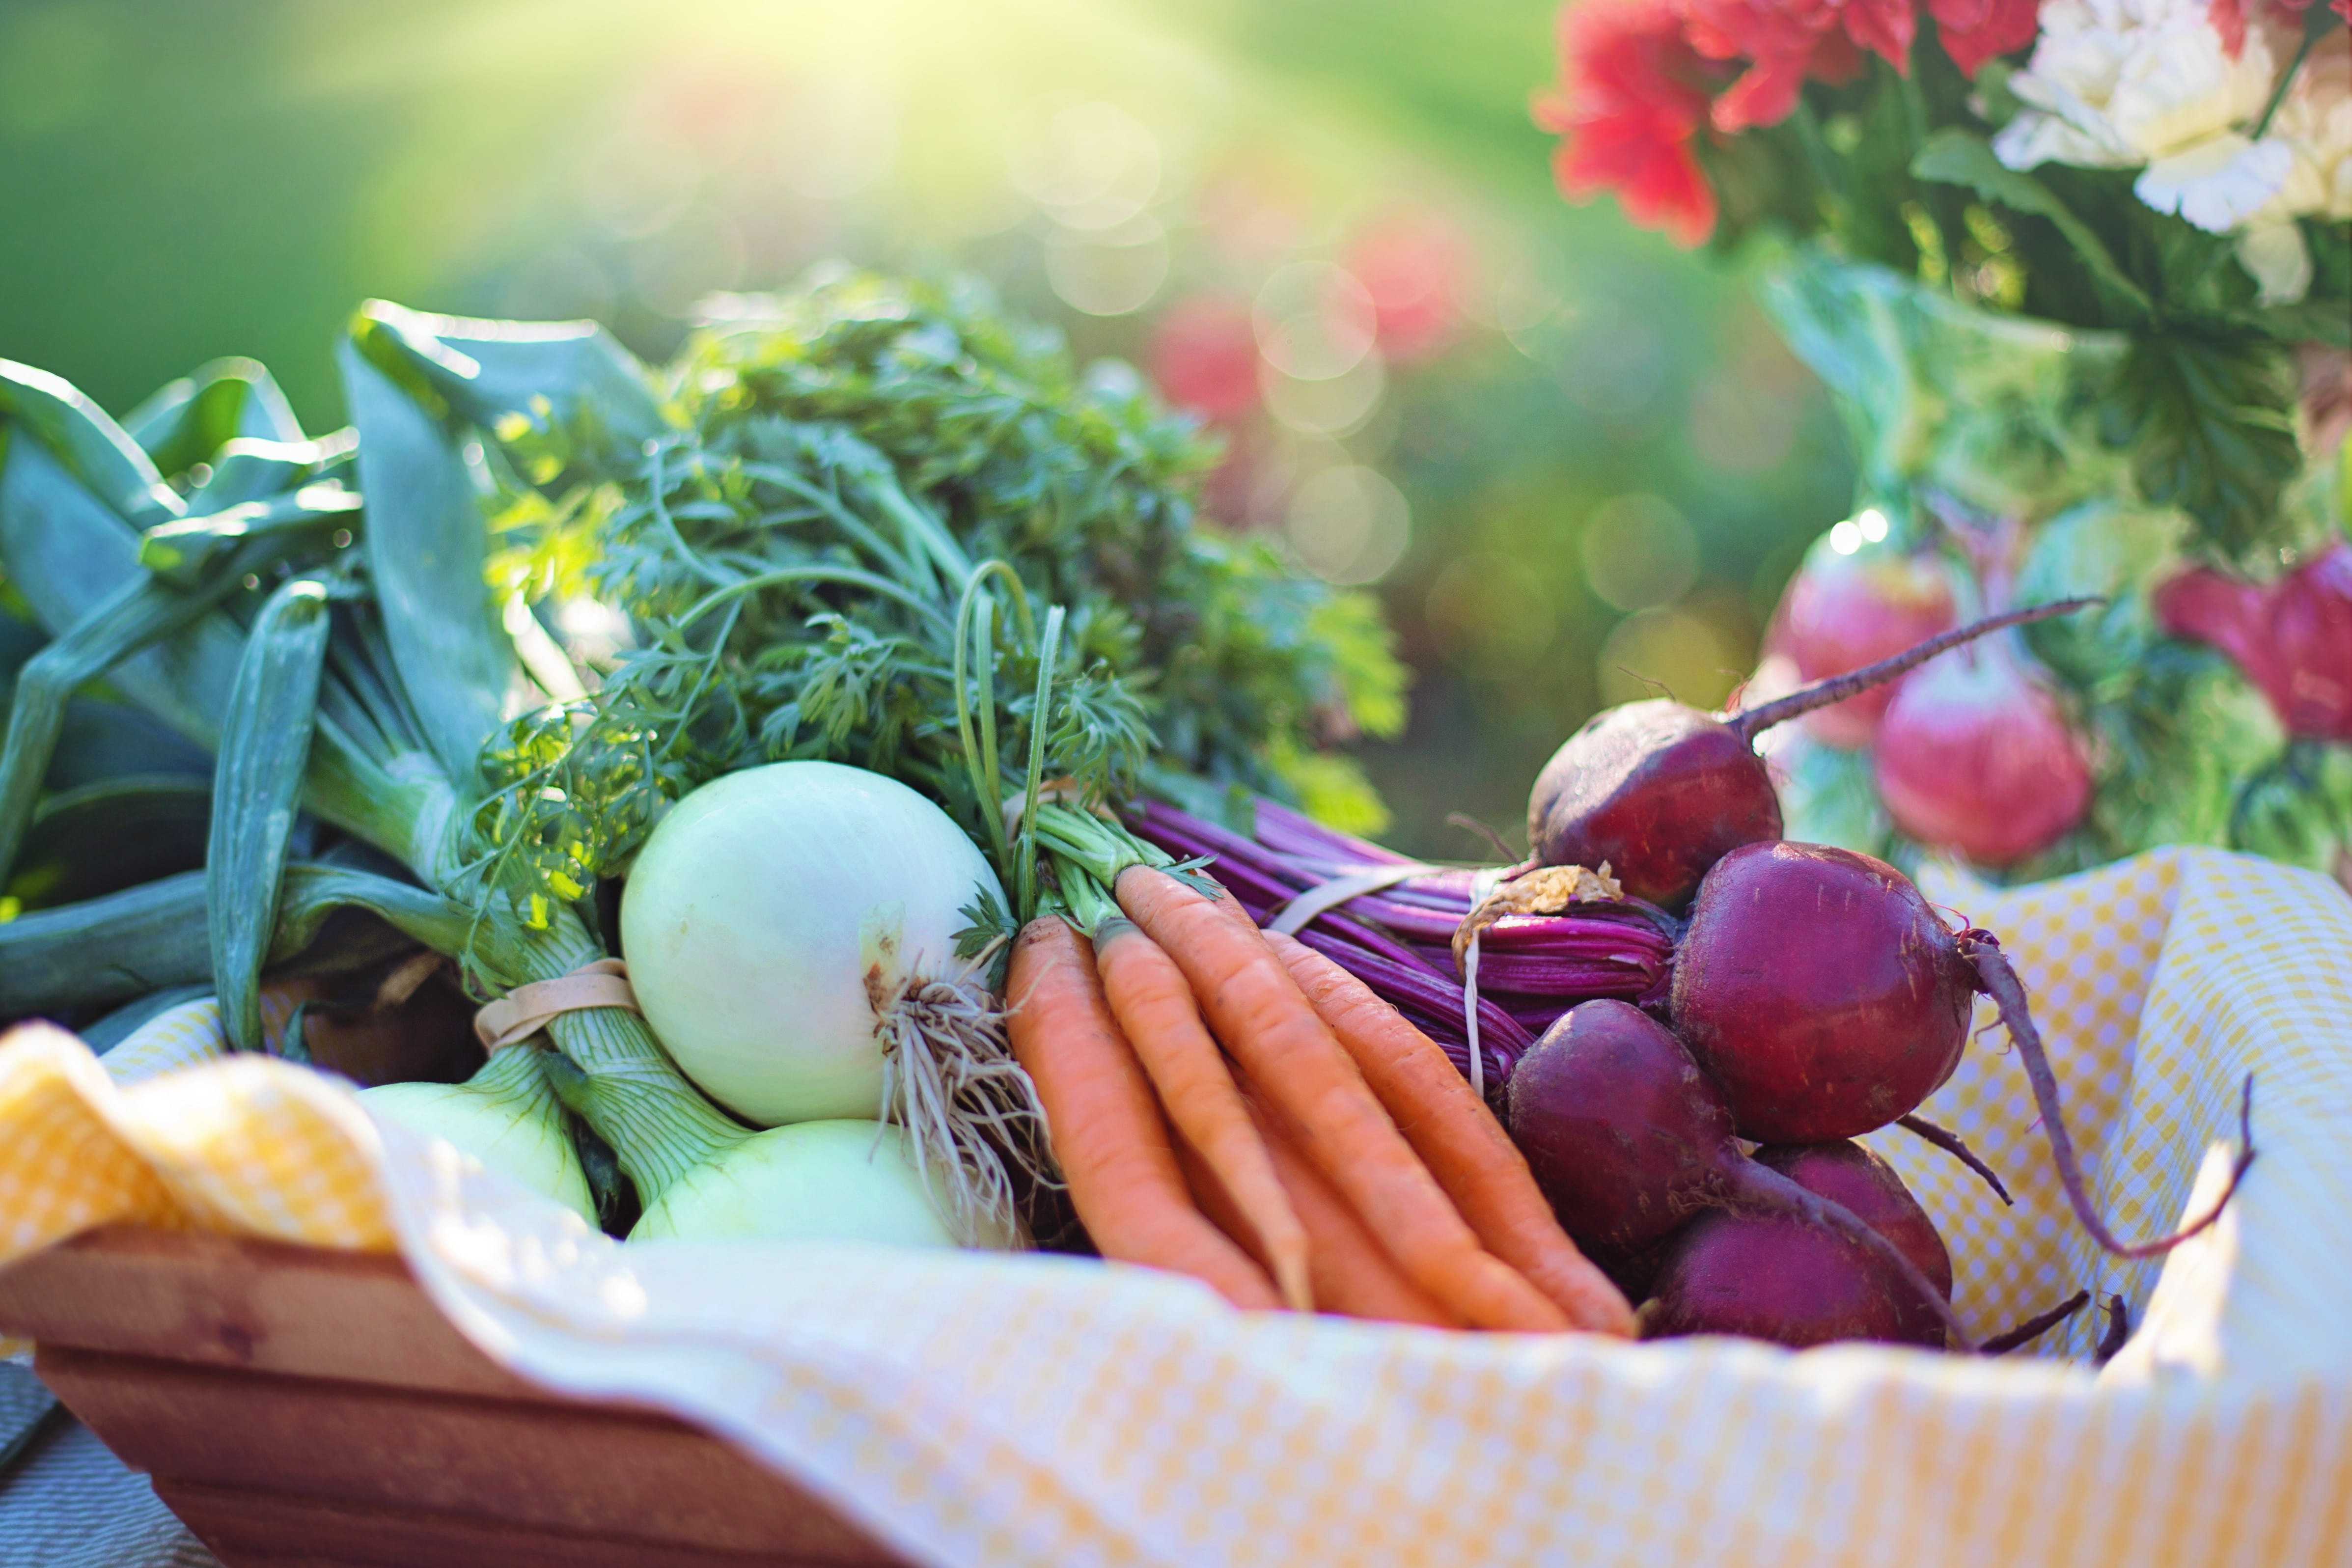 Δωρεάν στοκ φωτογραφιών με αγρόκτημα, βιταμίνες, βοσκοτόπι, γεωργία